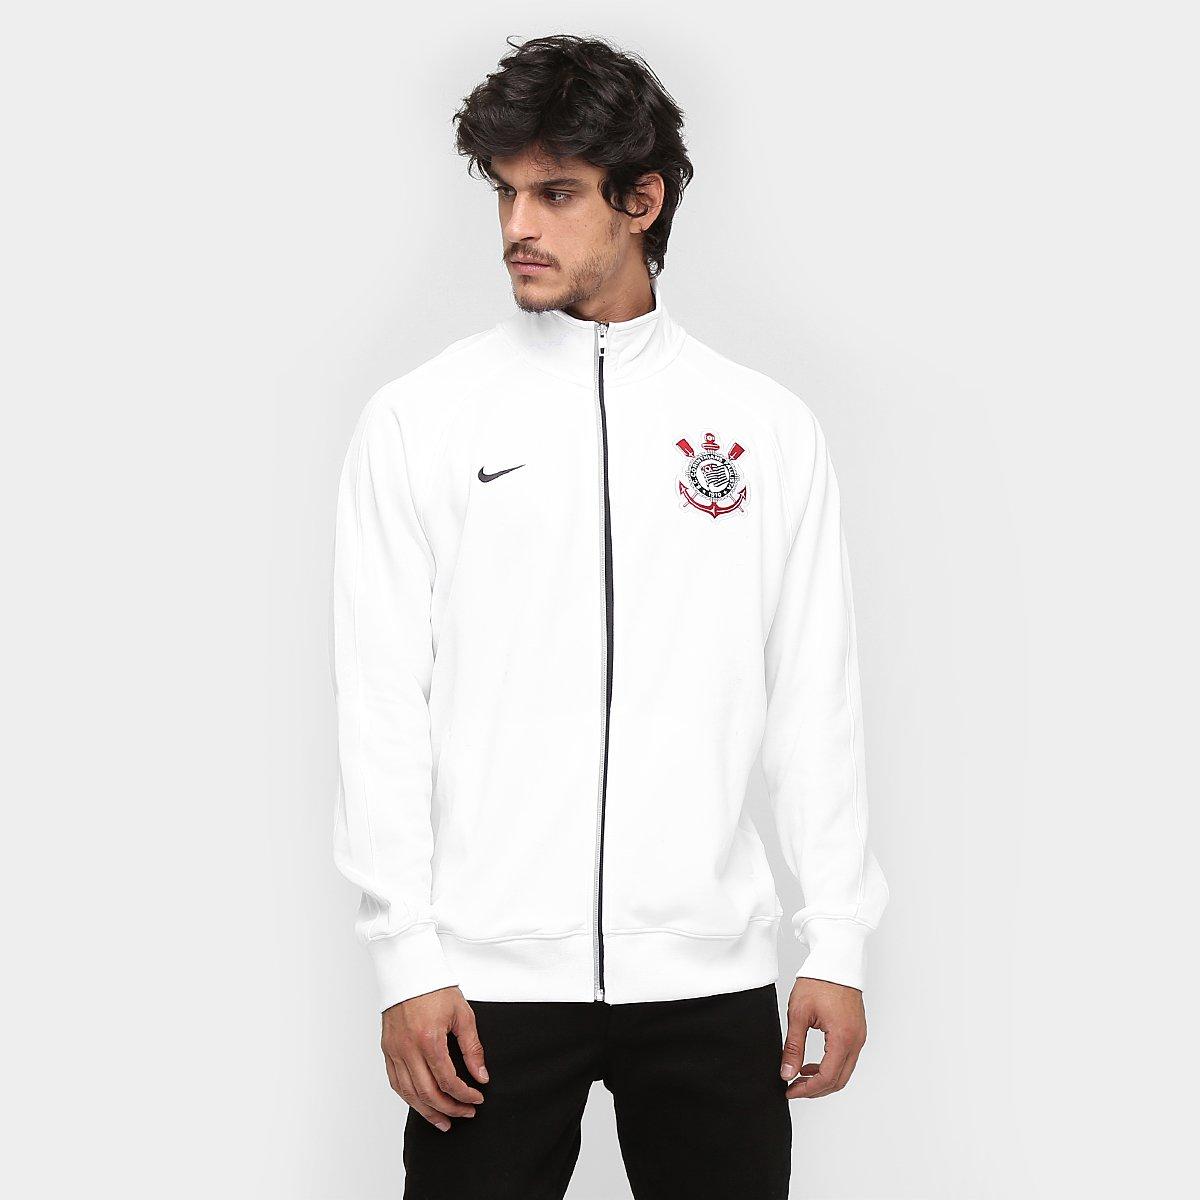 Jaqueta Nike Corinthians Core Trainer - Compre Agora  6153ce0b862e6